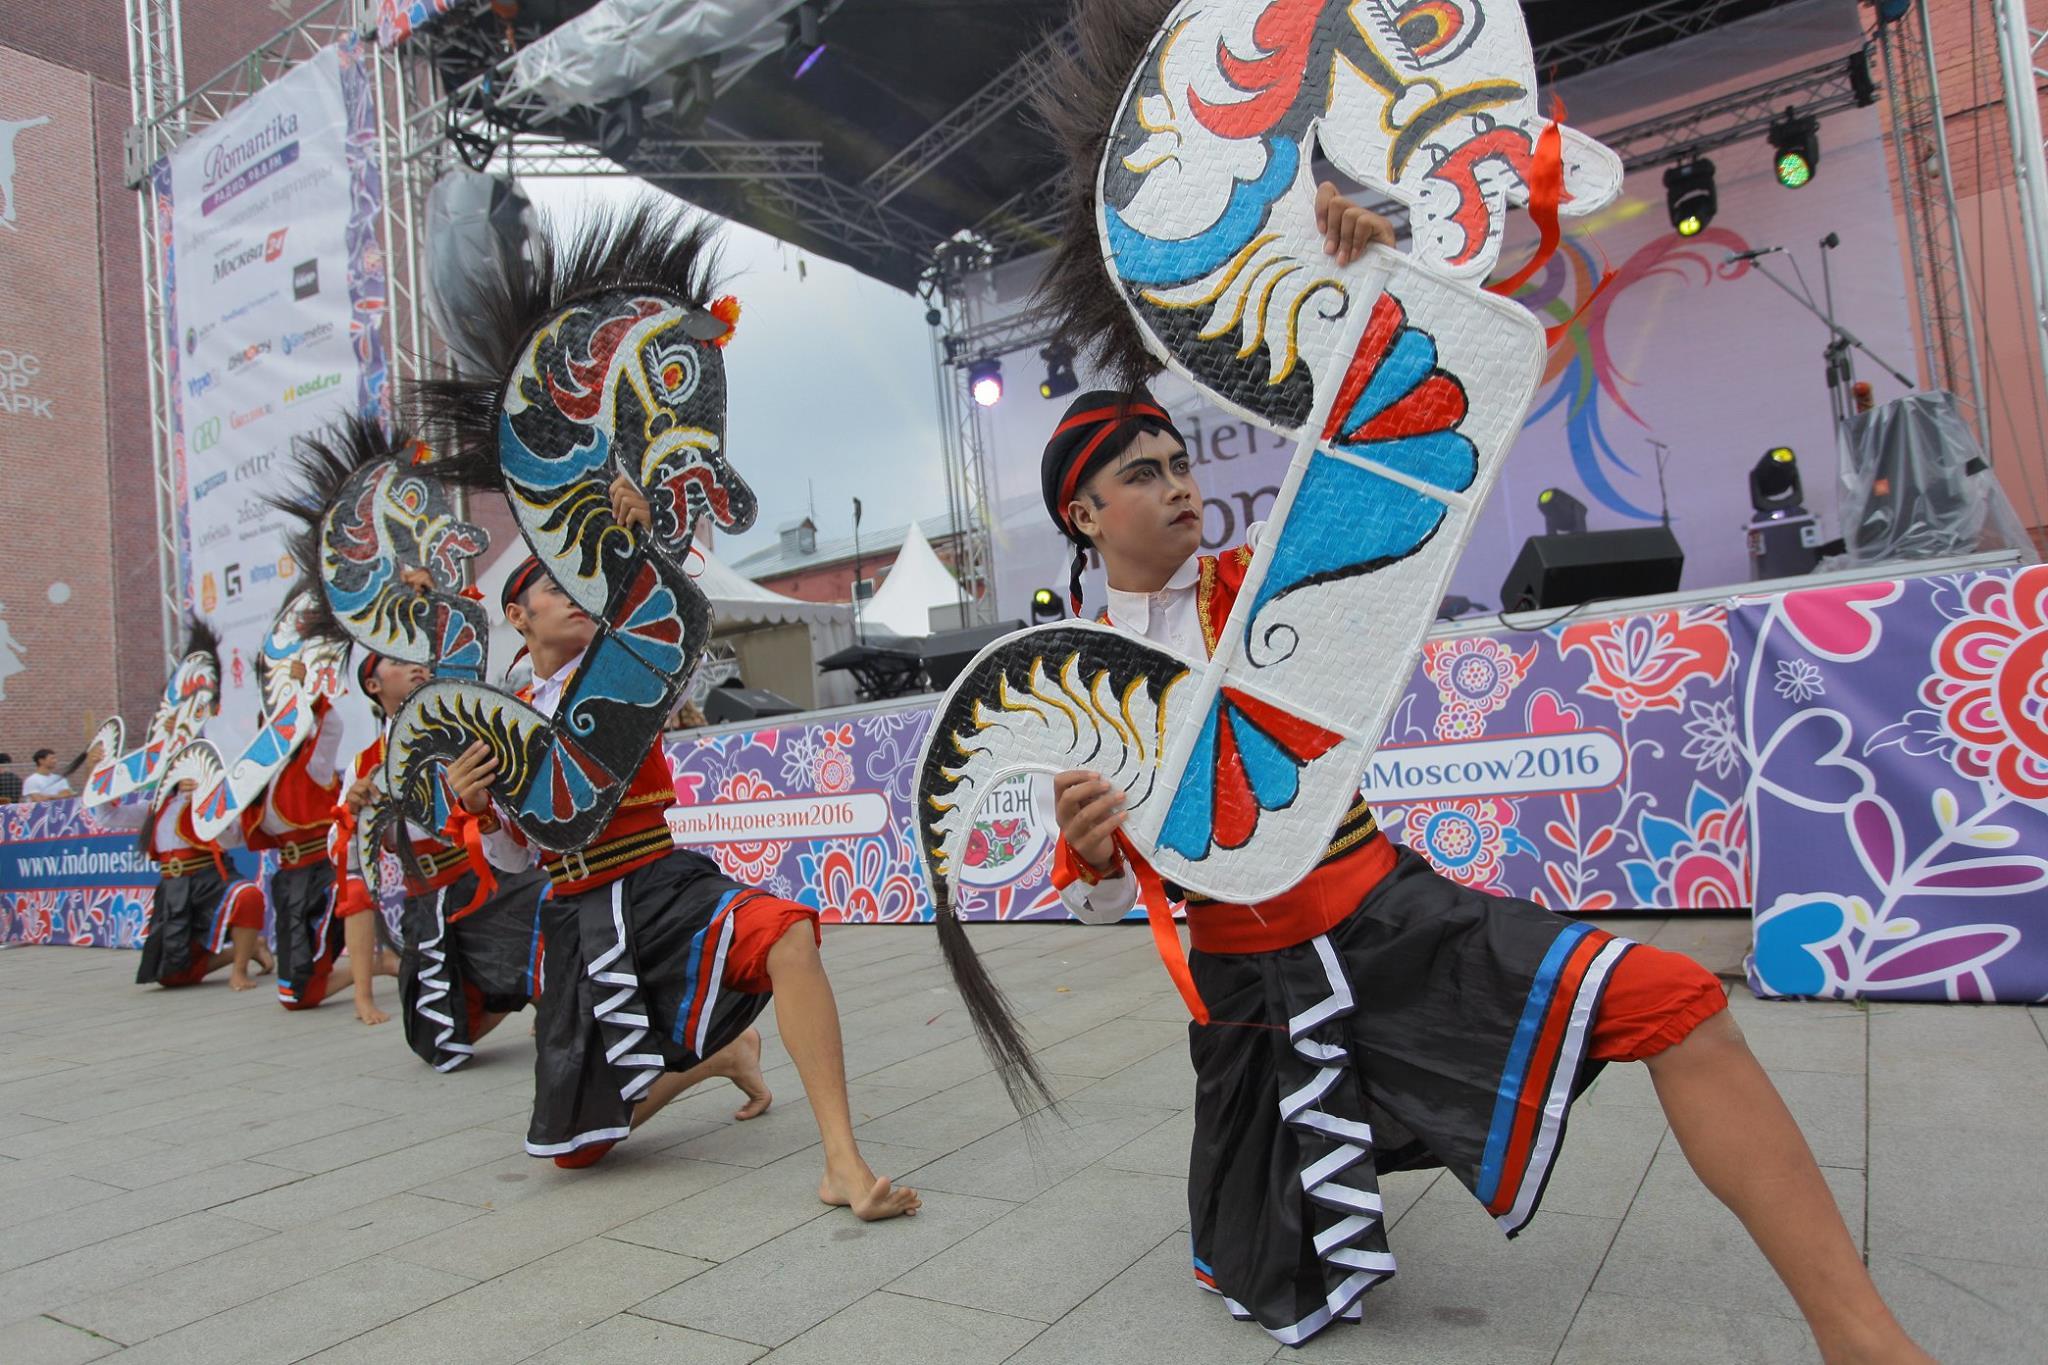 Festival ini membuka mata masyarakat mengenai Rusia baru yang sangat terbuka sekaligus mempromosikan Indonesia yang kaya akan kebudayaan, destinasi wisata, serta sangat aktif dalam mencari peluang investasi di Rusia.